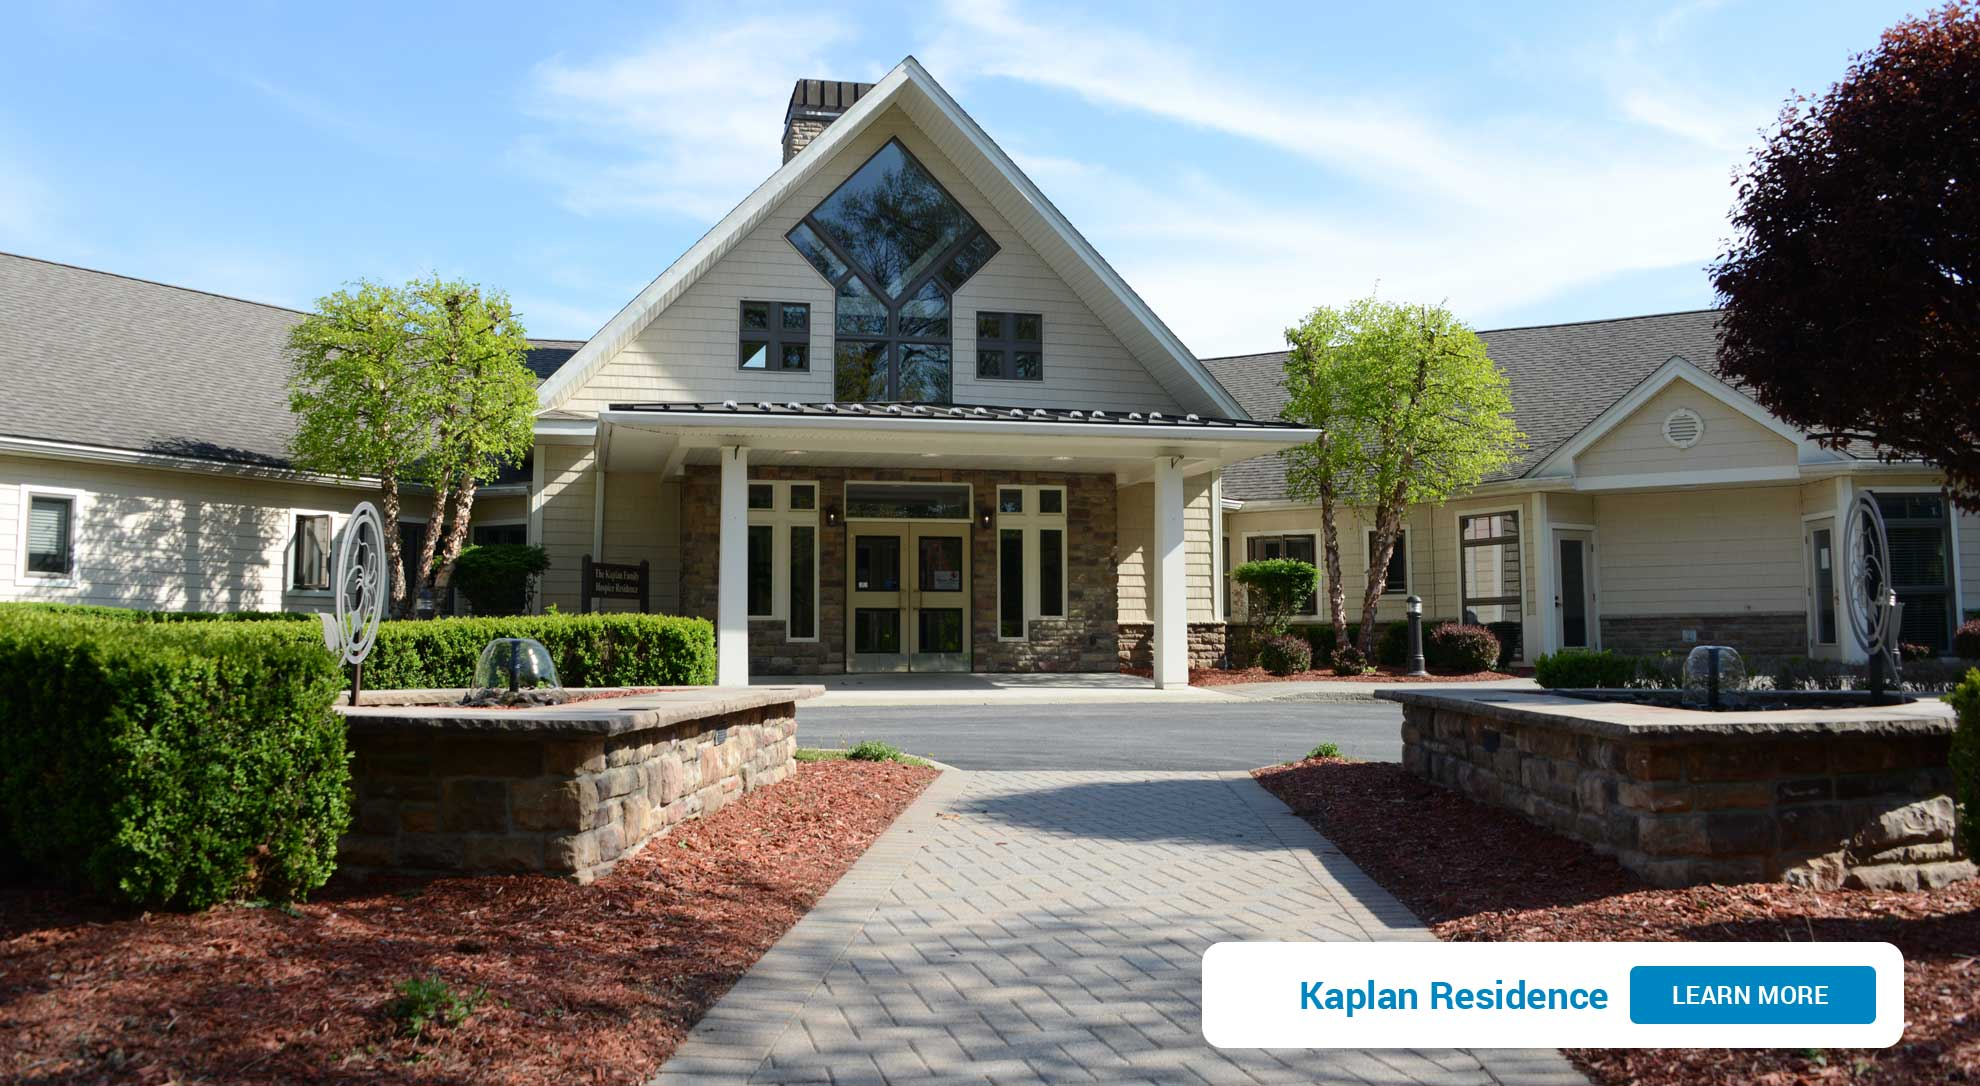 Kaplan Residence